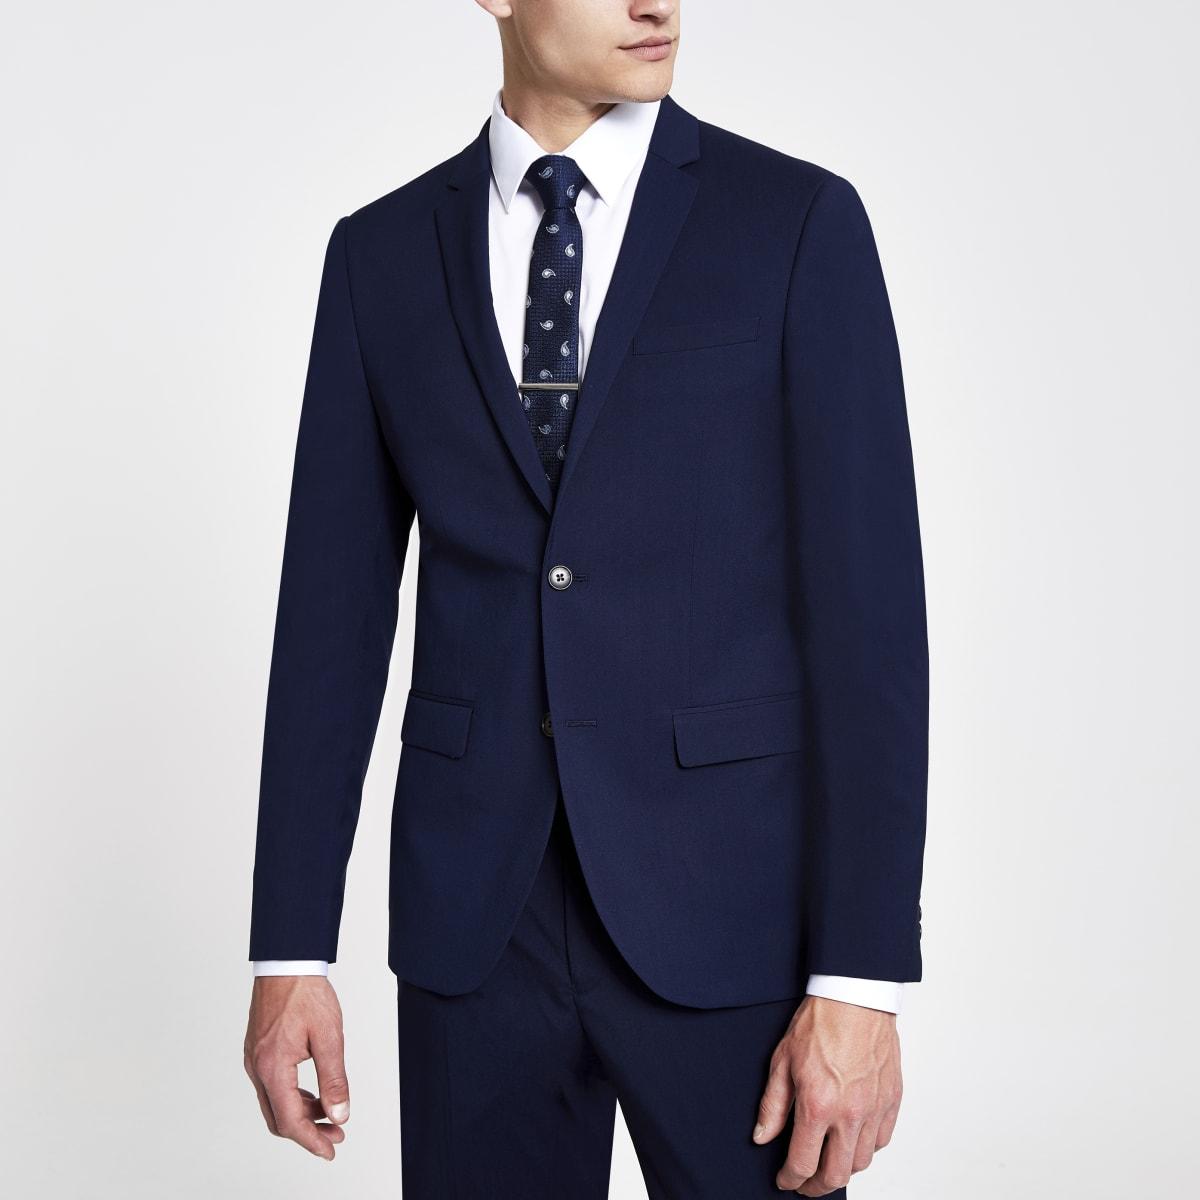 Veste de costume bleu marine cintrée